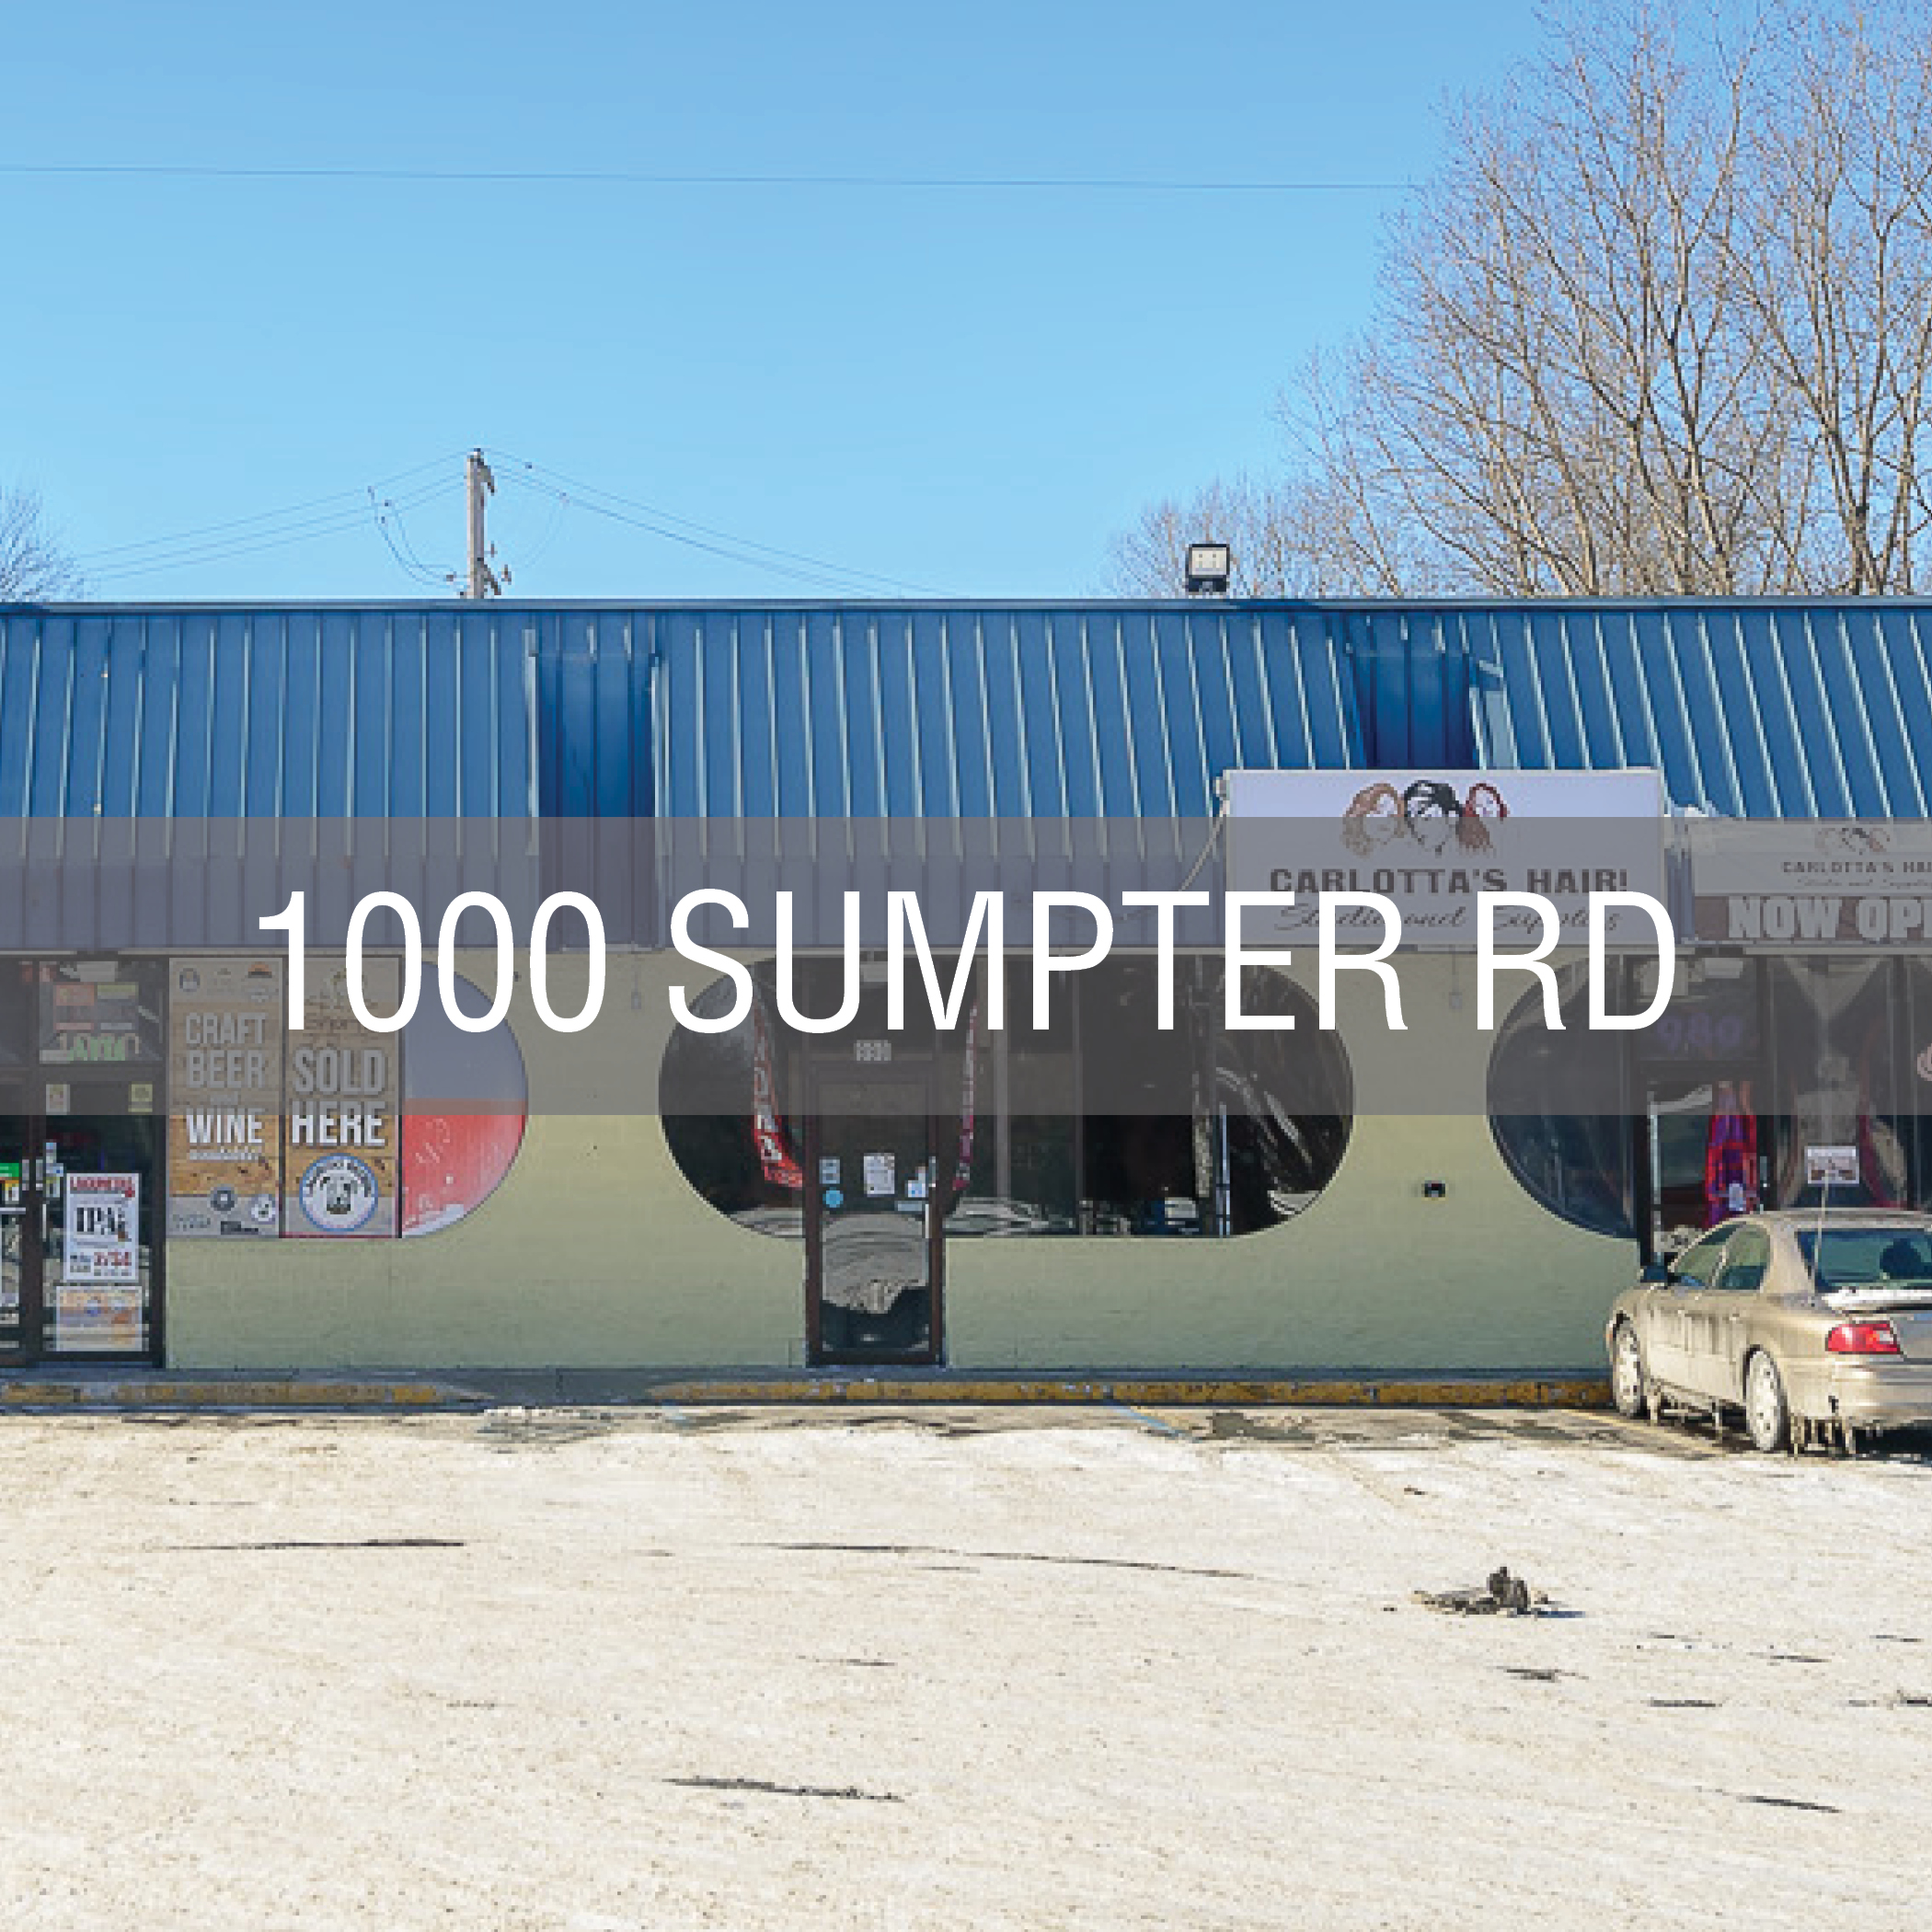 Sumpter1000.jpg